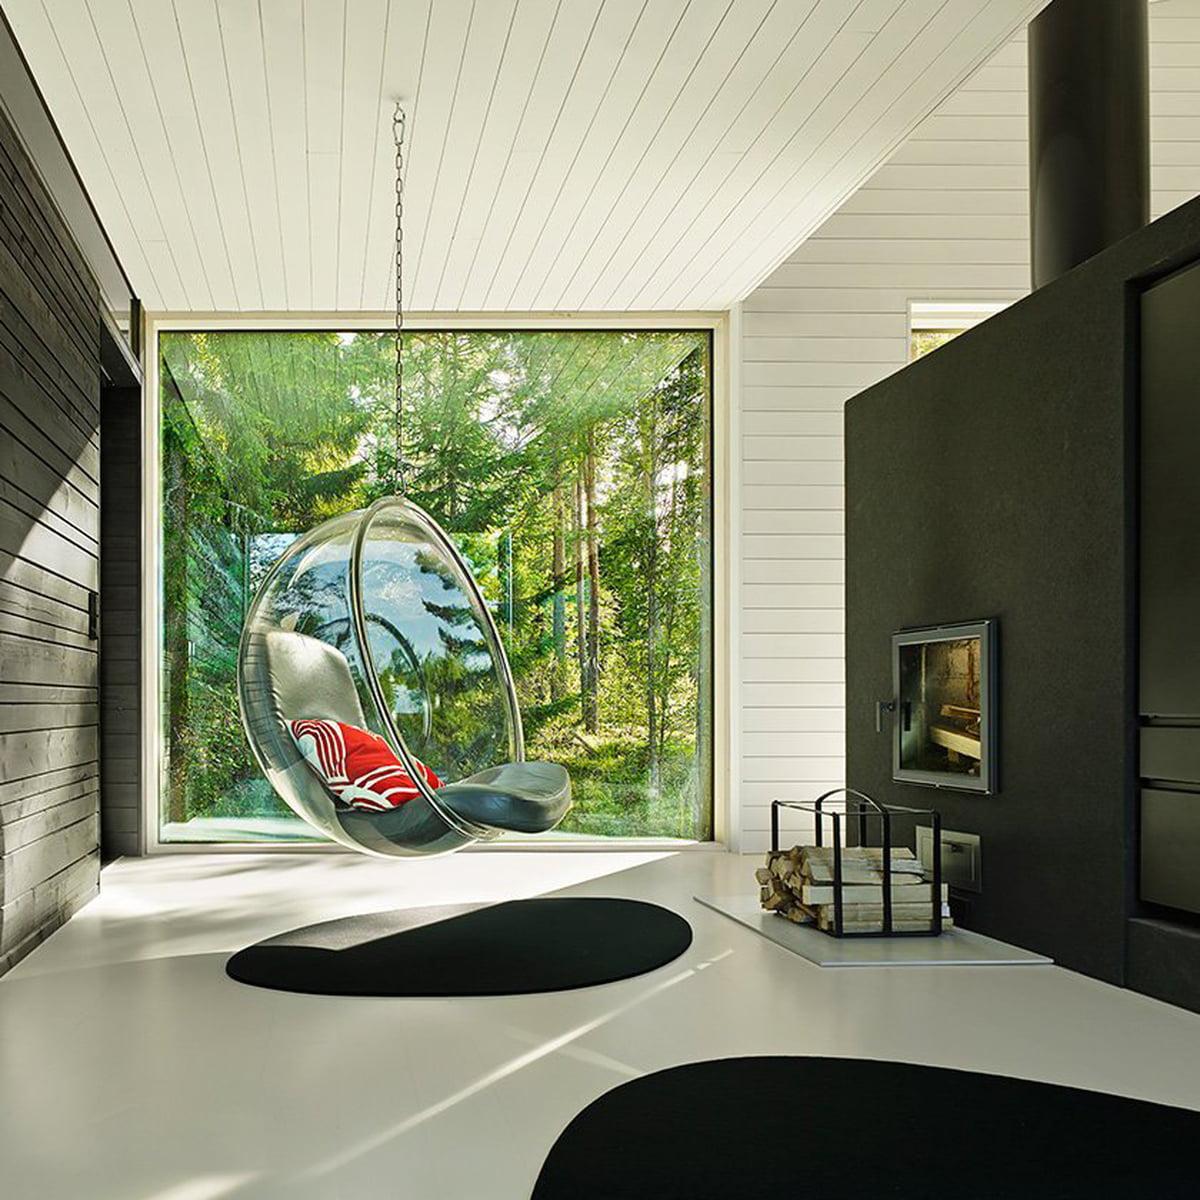 كرسي كرة شفاف في منزل ريفي من Inform Interiors